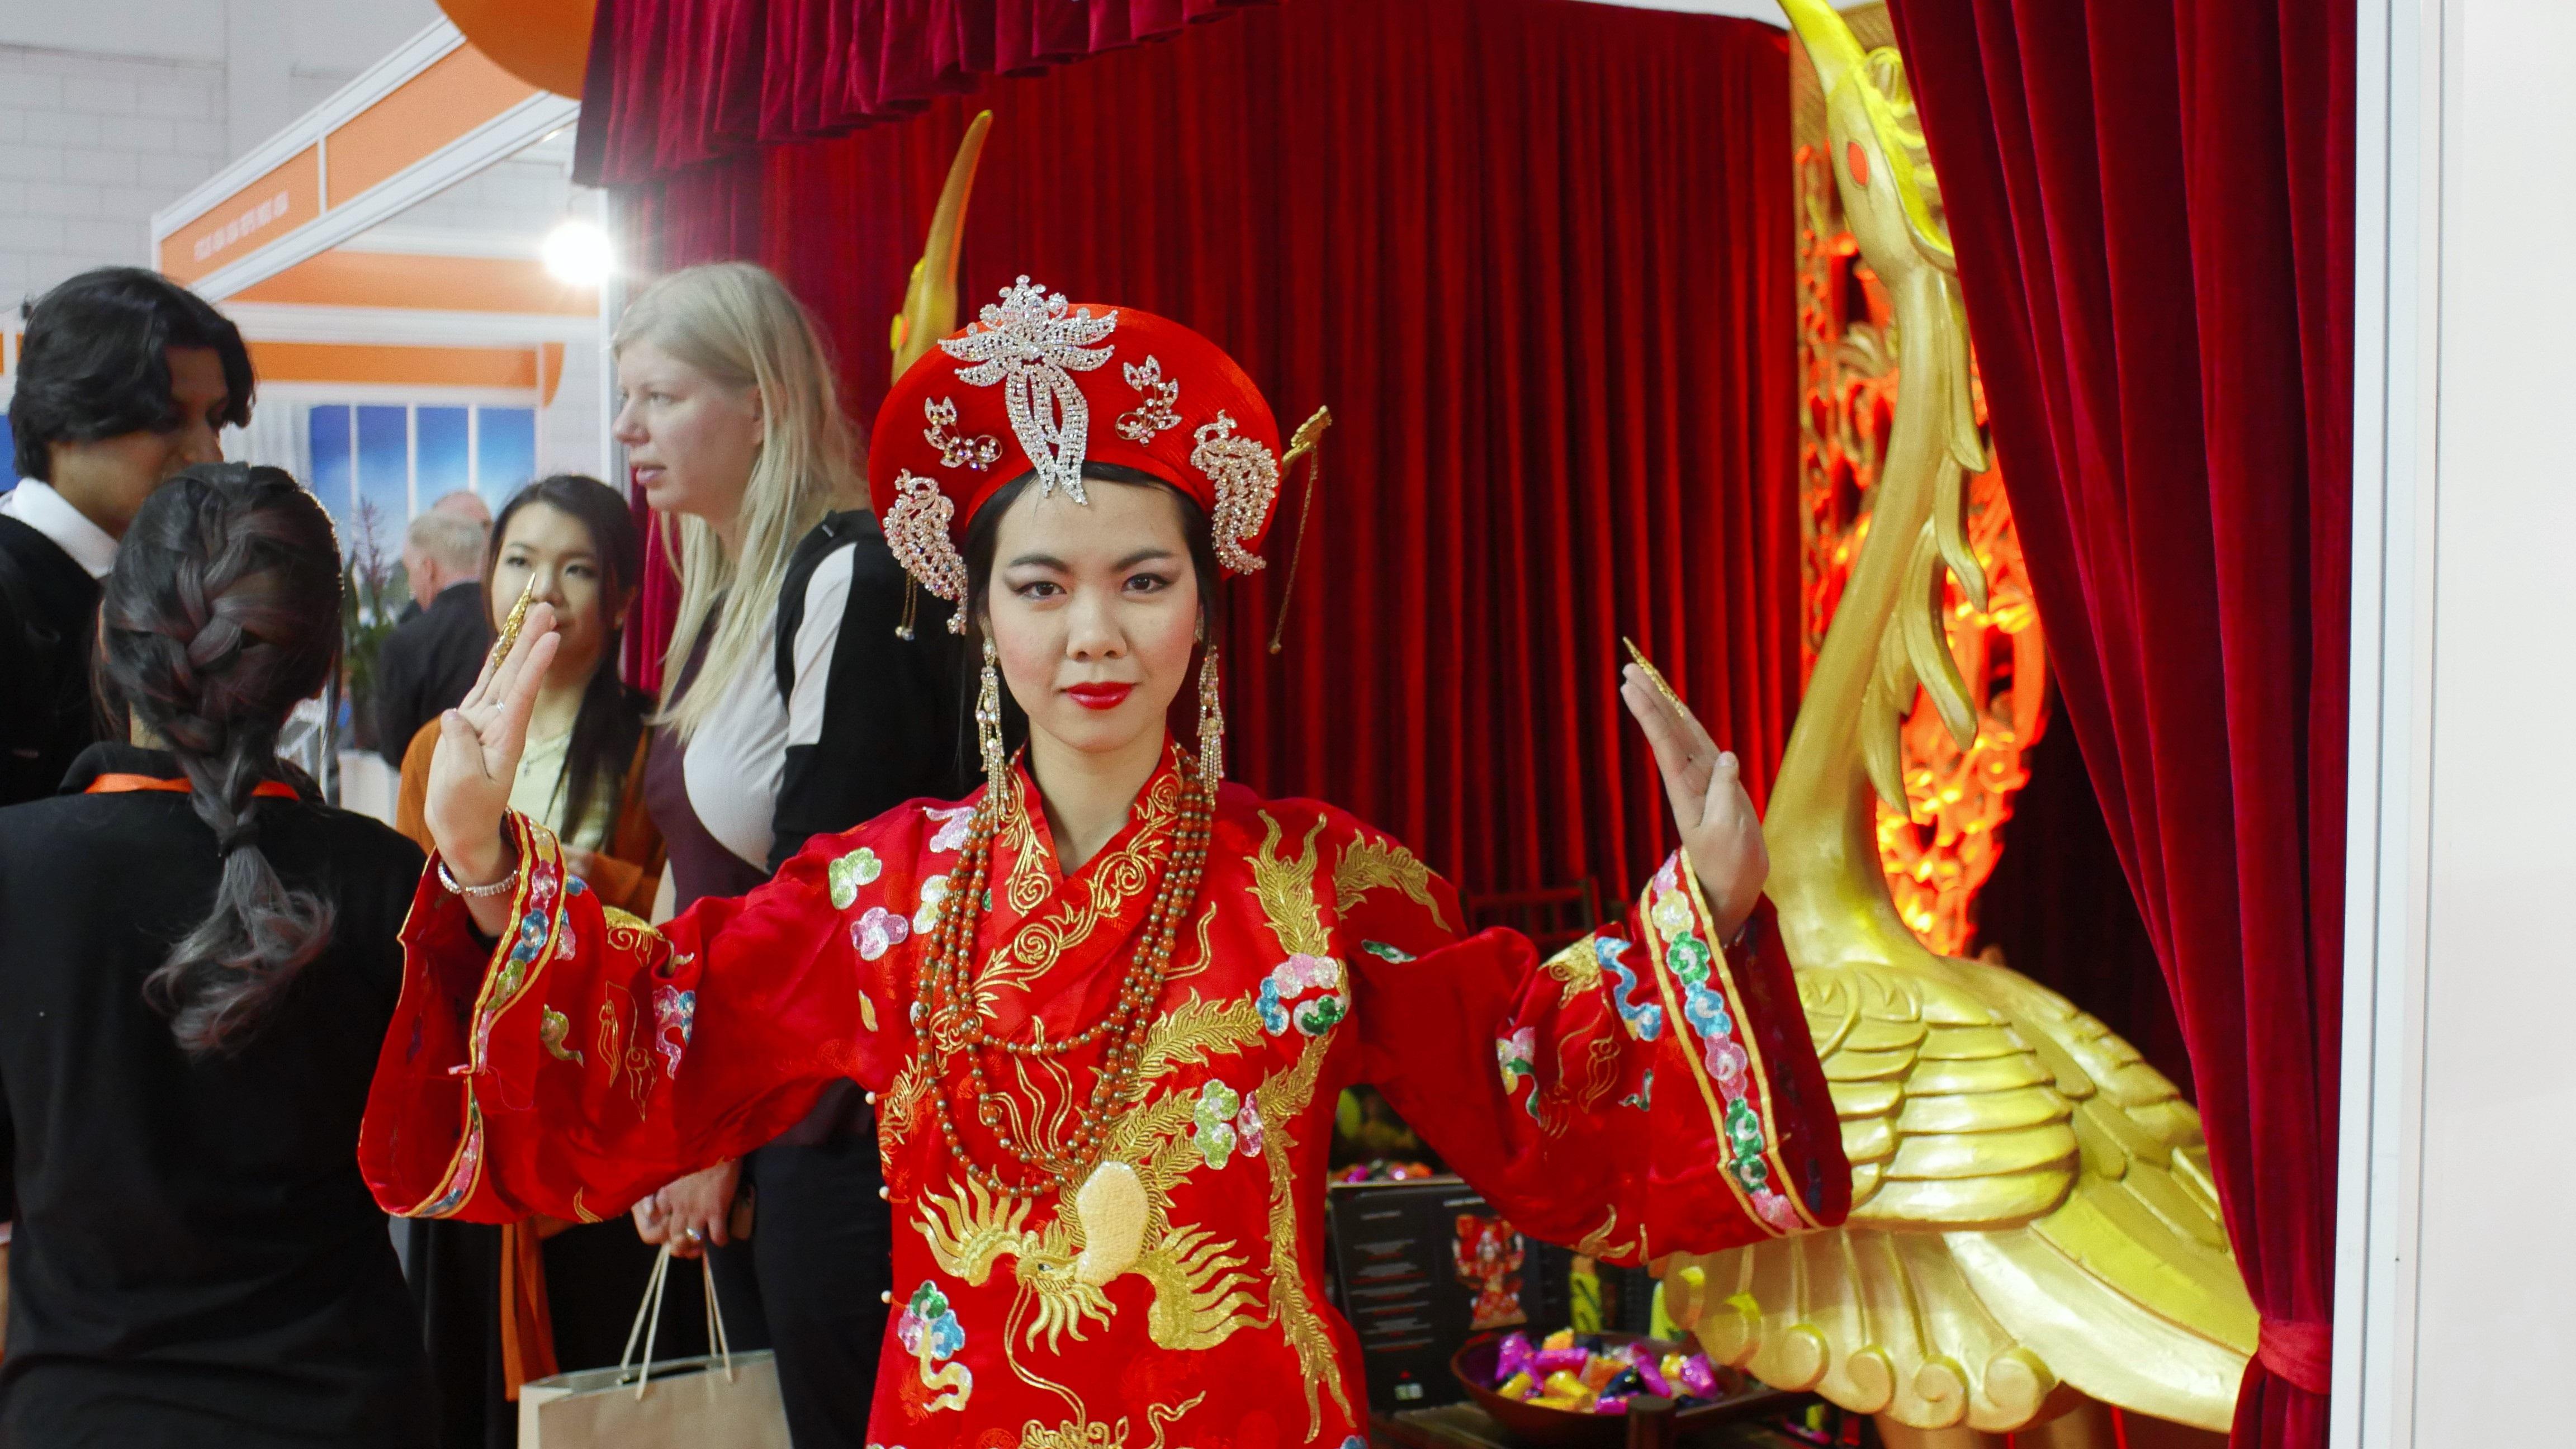 Frauen in traditionellen roten asiatischen Kleidern auf der WTM